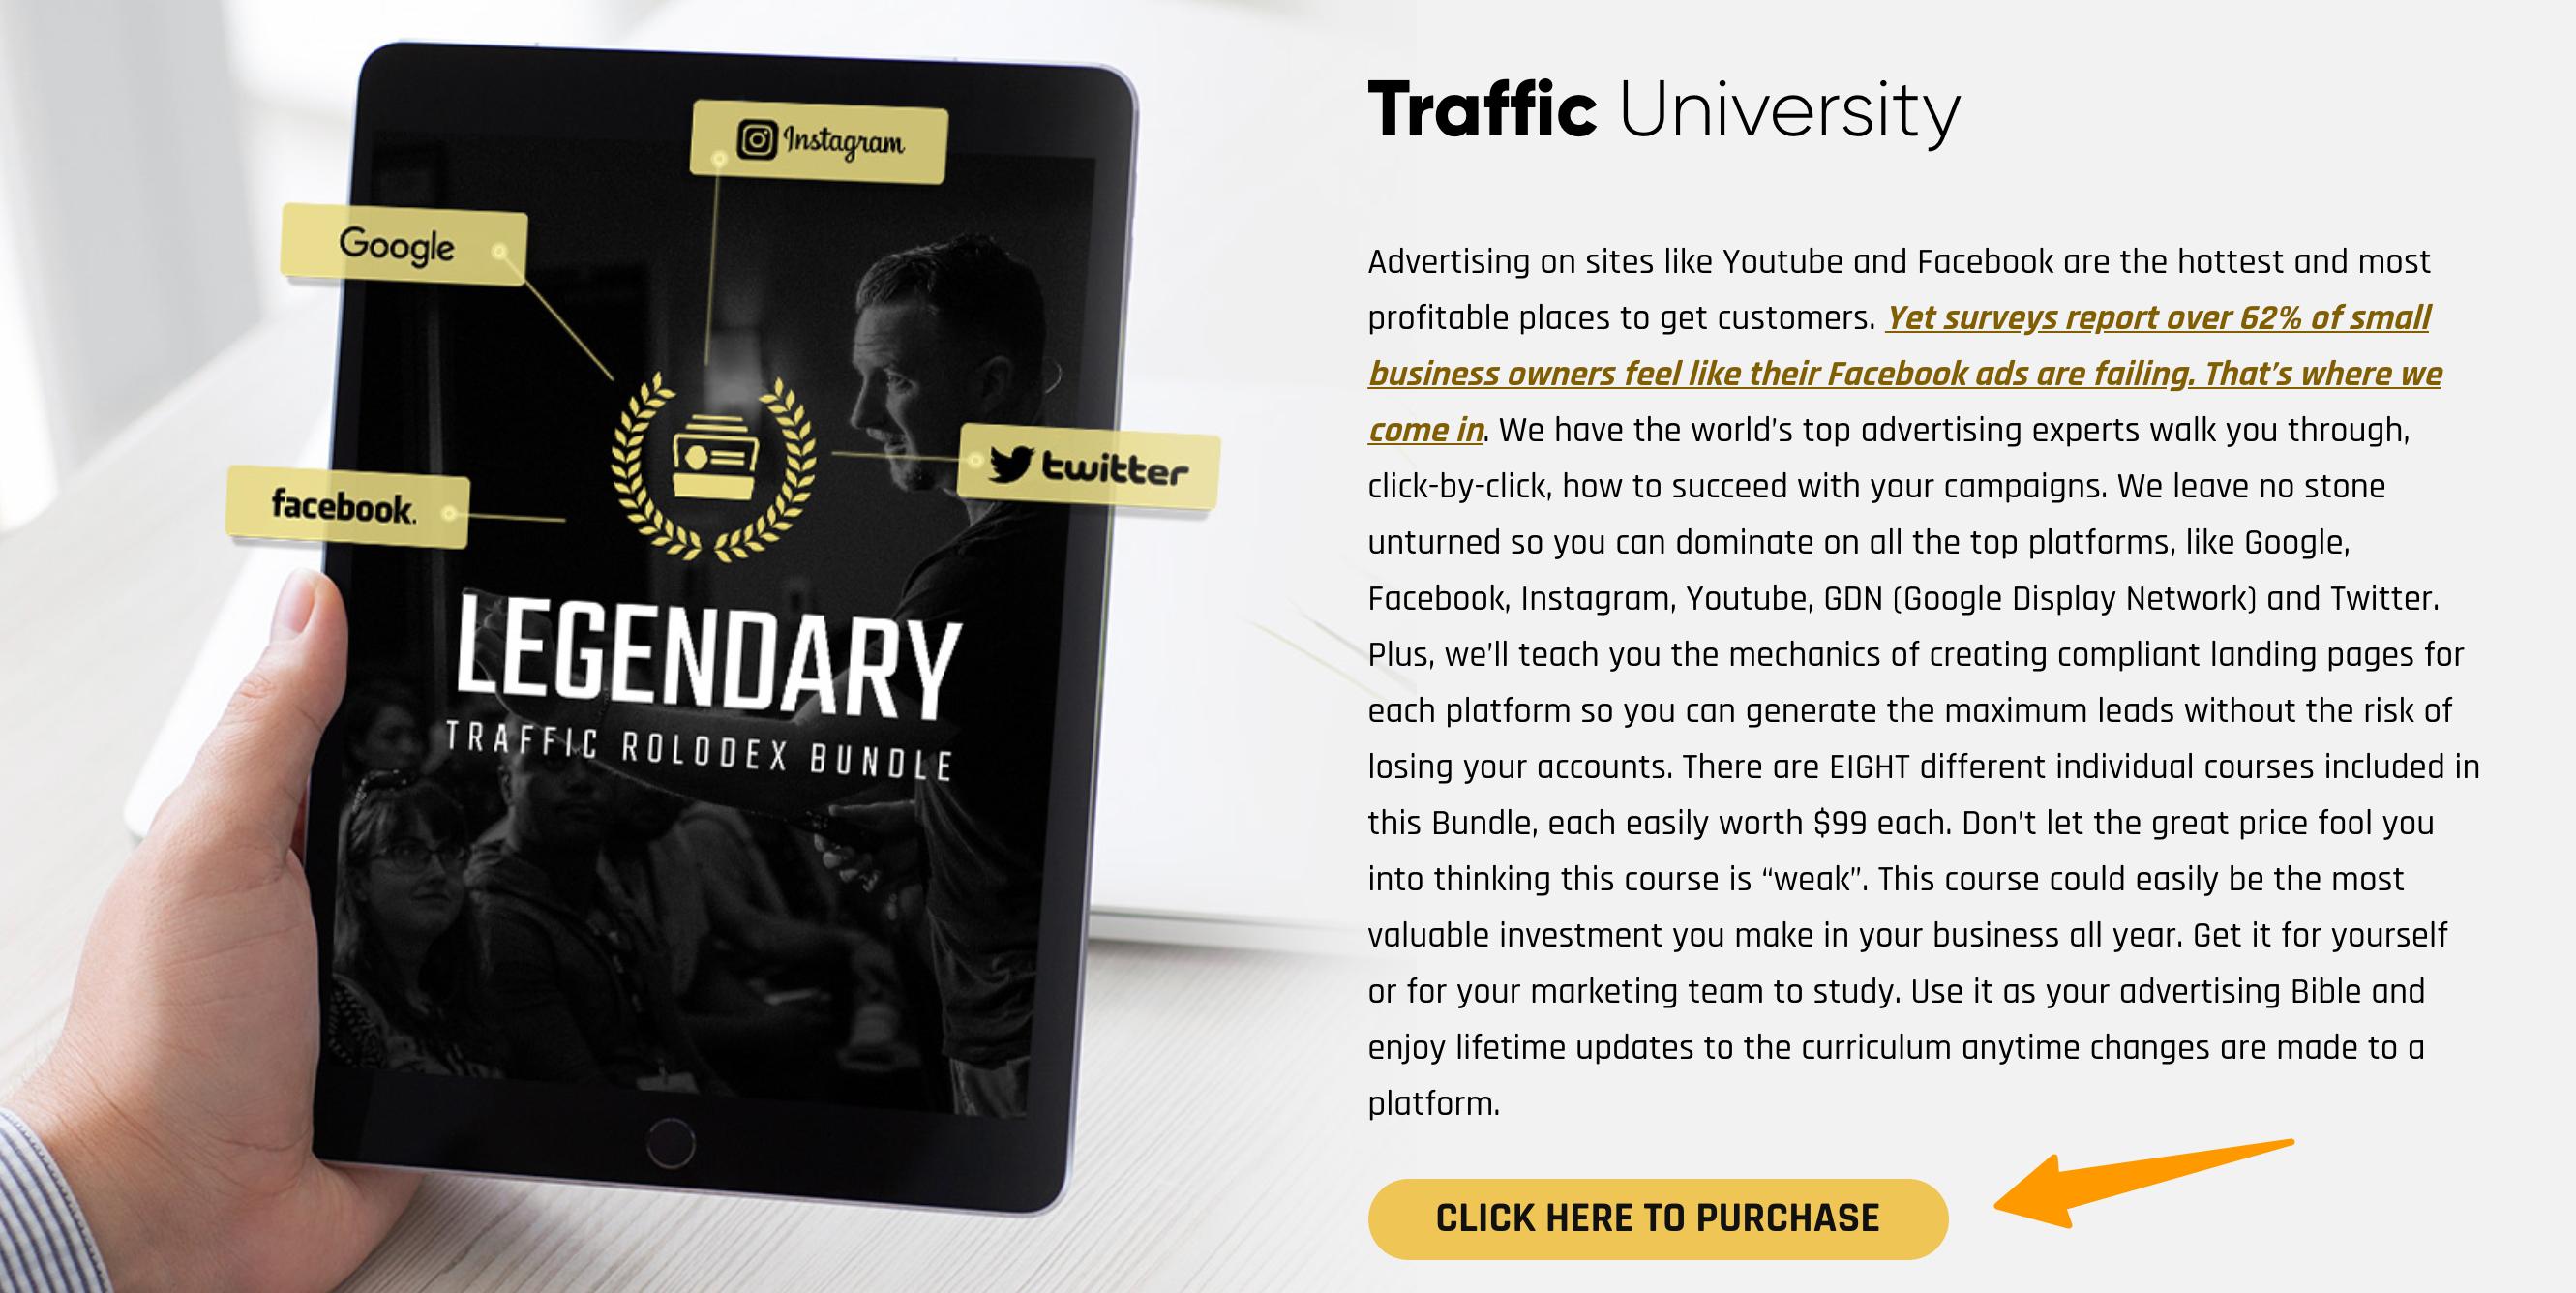 Legendary_Marketer — Traffic University